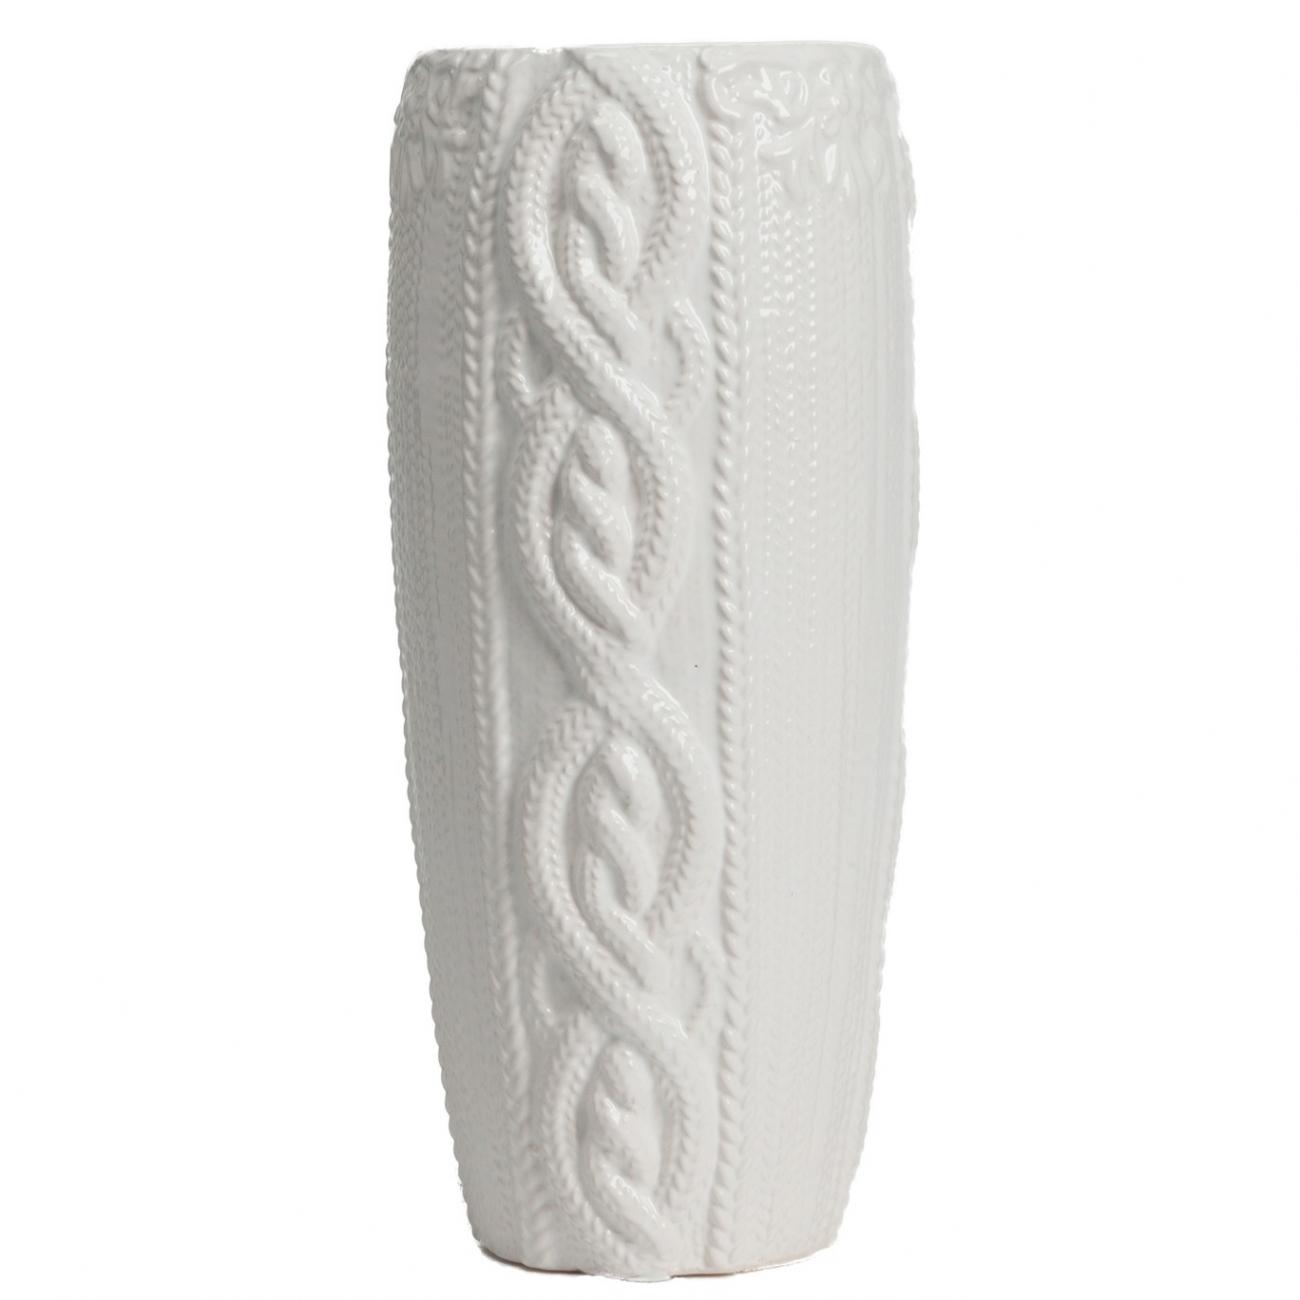 Купить Декоративная ваза Lindley Белая в интернет магазине дизайнерской мебели и аксессуаров для дома и дачи